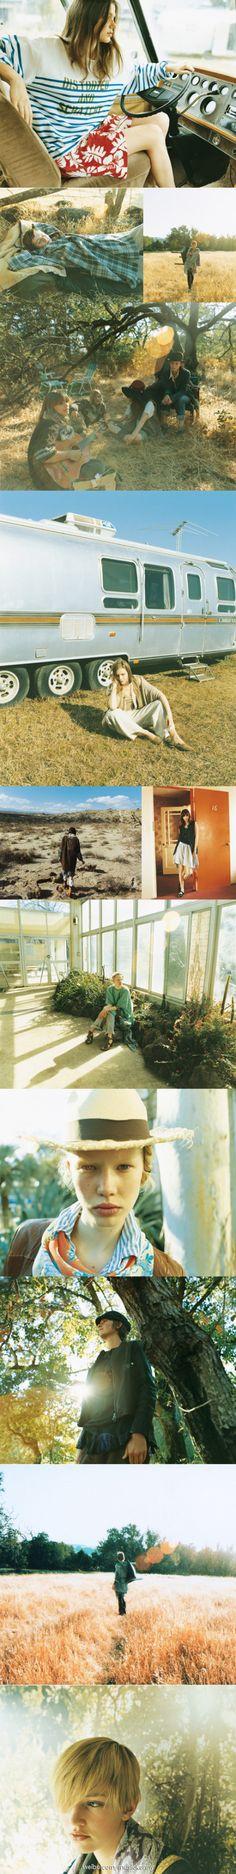 2006年 Journal Standard的画册, 暖色调, 摄影:高橋ヨーコ (Yoko Takahashi)